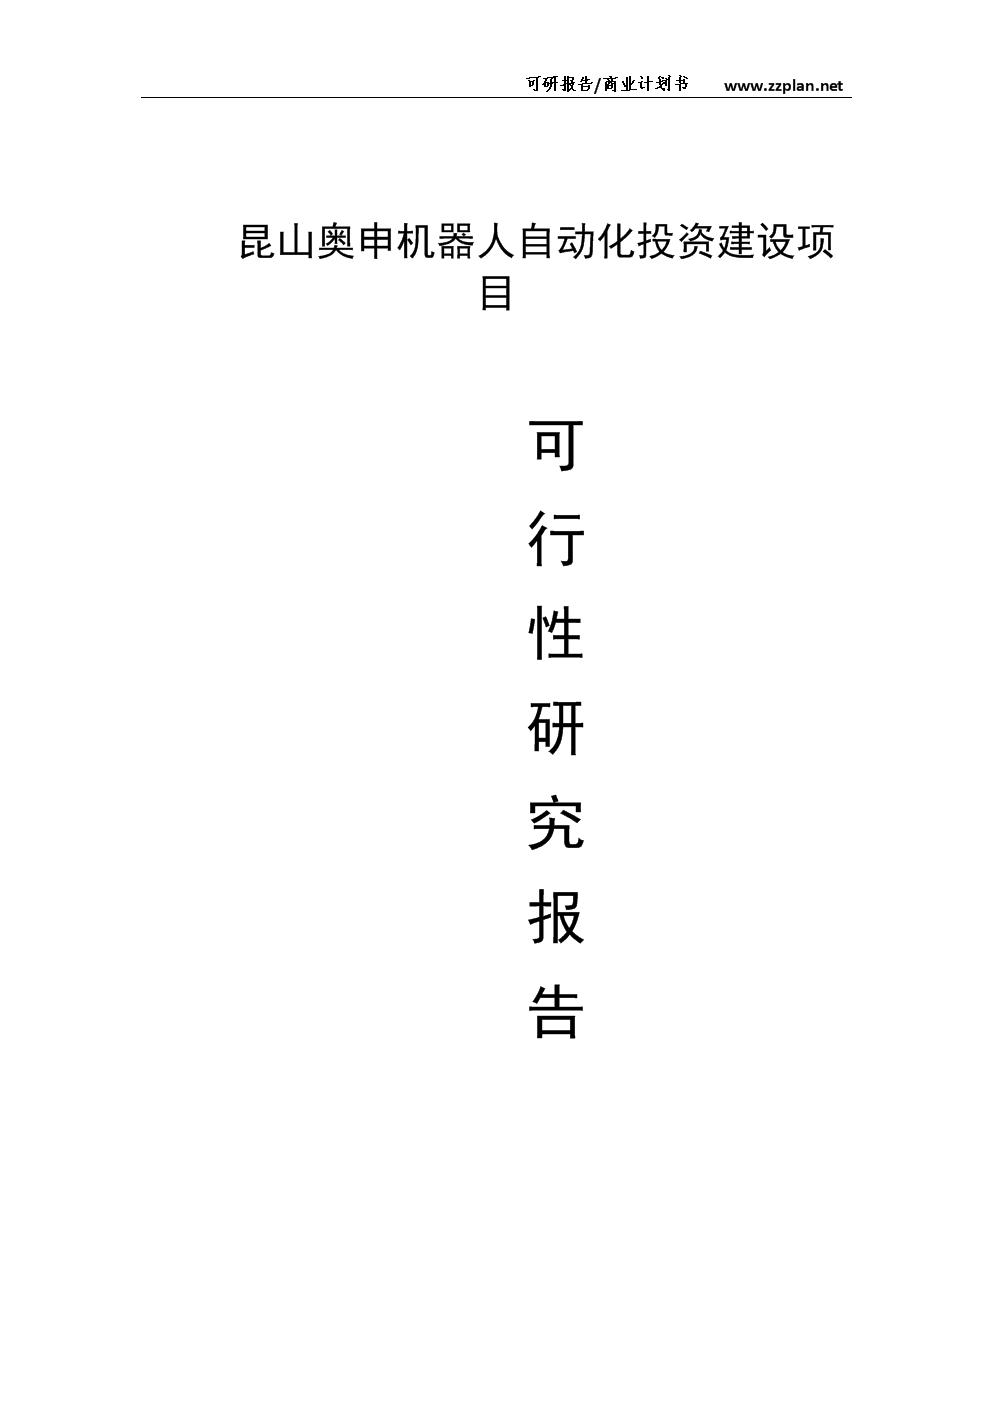 昆山奥申机器人自动化项目可研报告.docx